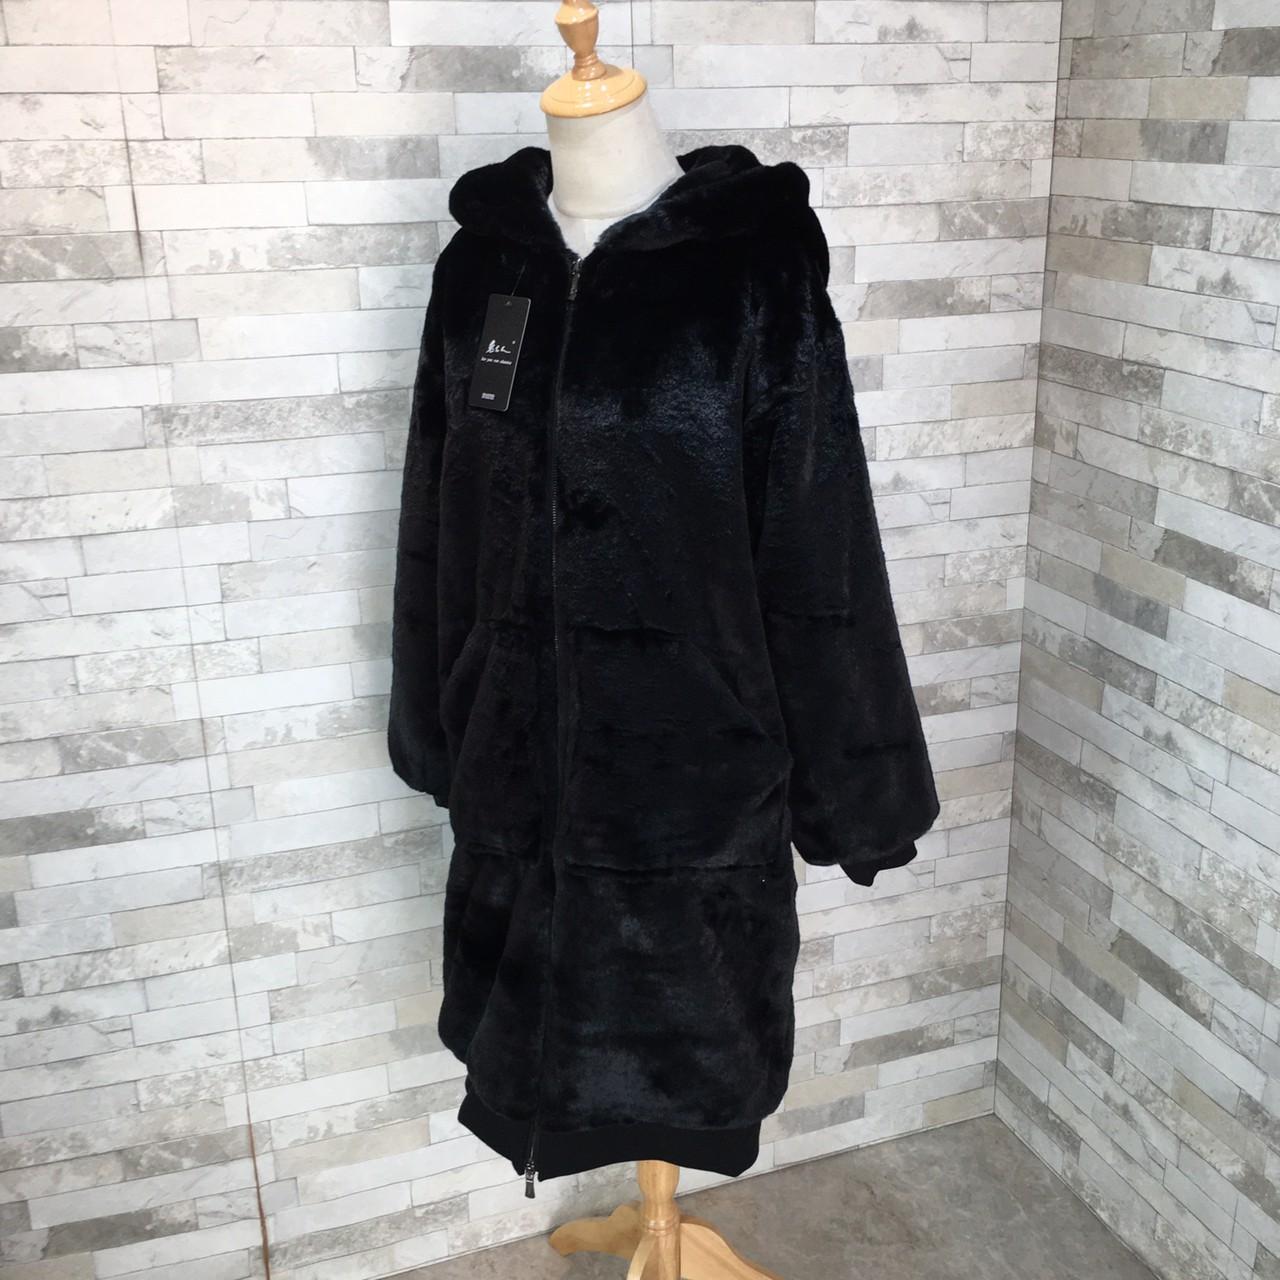 【即納】韓国 ファッション アウター ムートン ファーコート 秋 冬 カジュアル SPTXC599  もこもこ ふわふわ エコファー パーカー オーバーサイズ フ オルチャン シンプル 定番 セレカジの写真13枚目